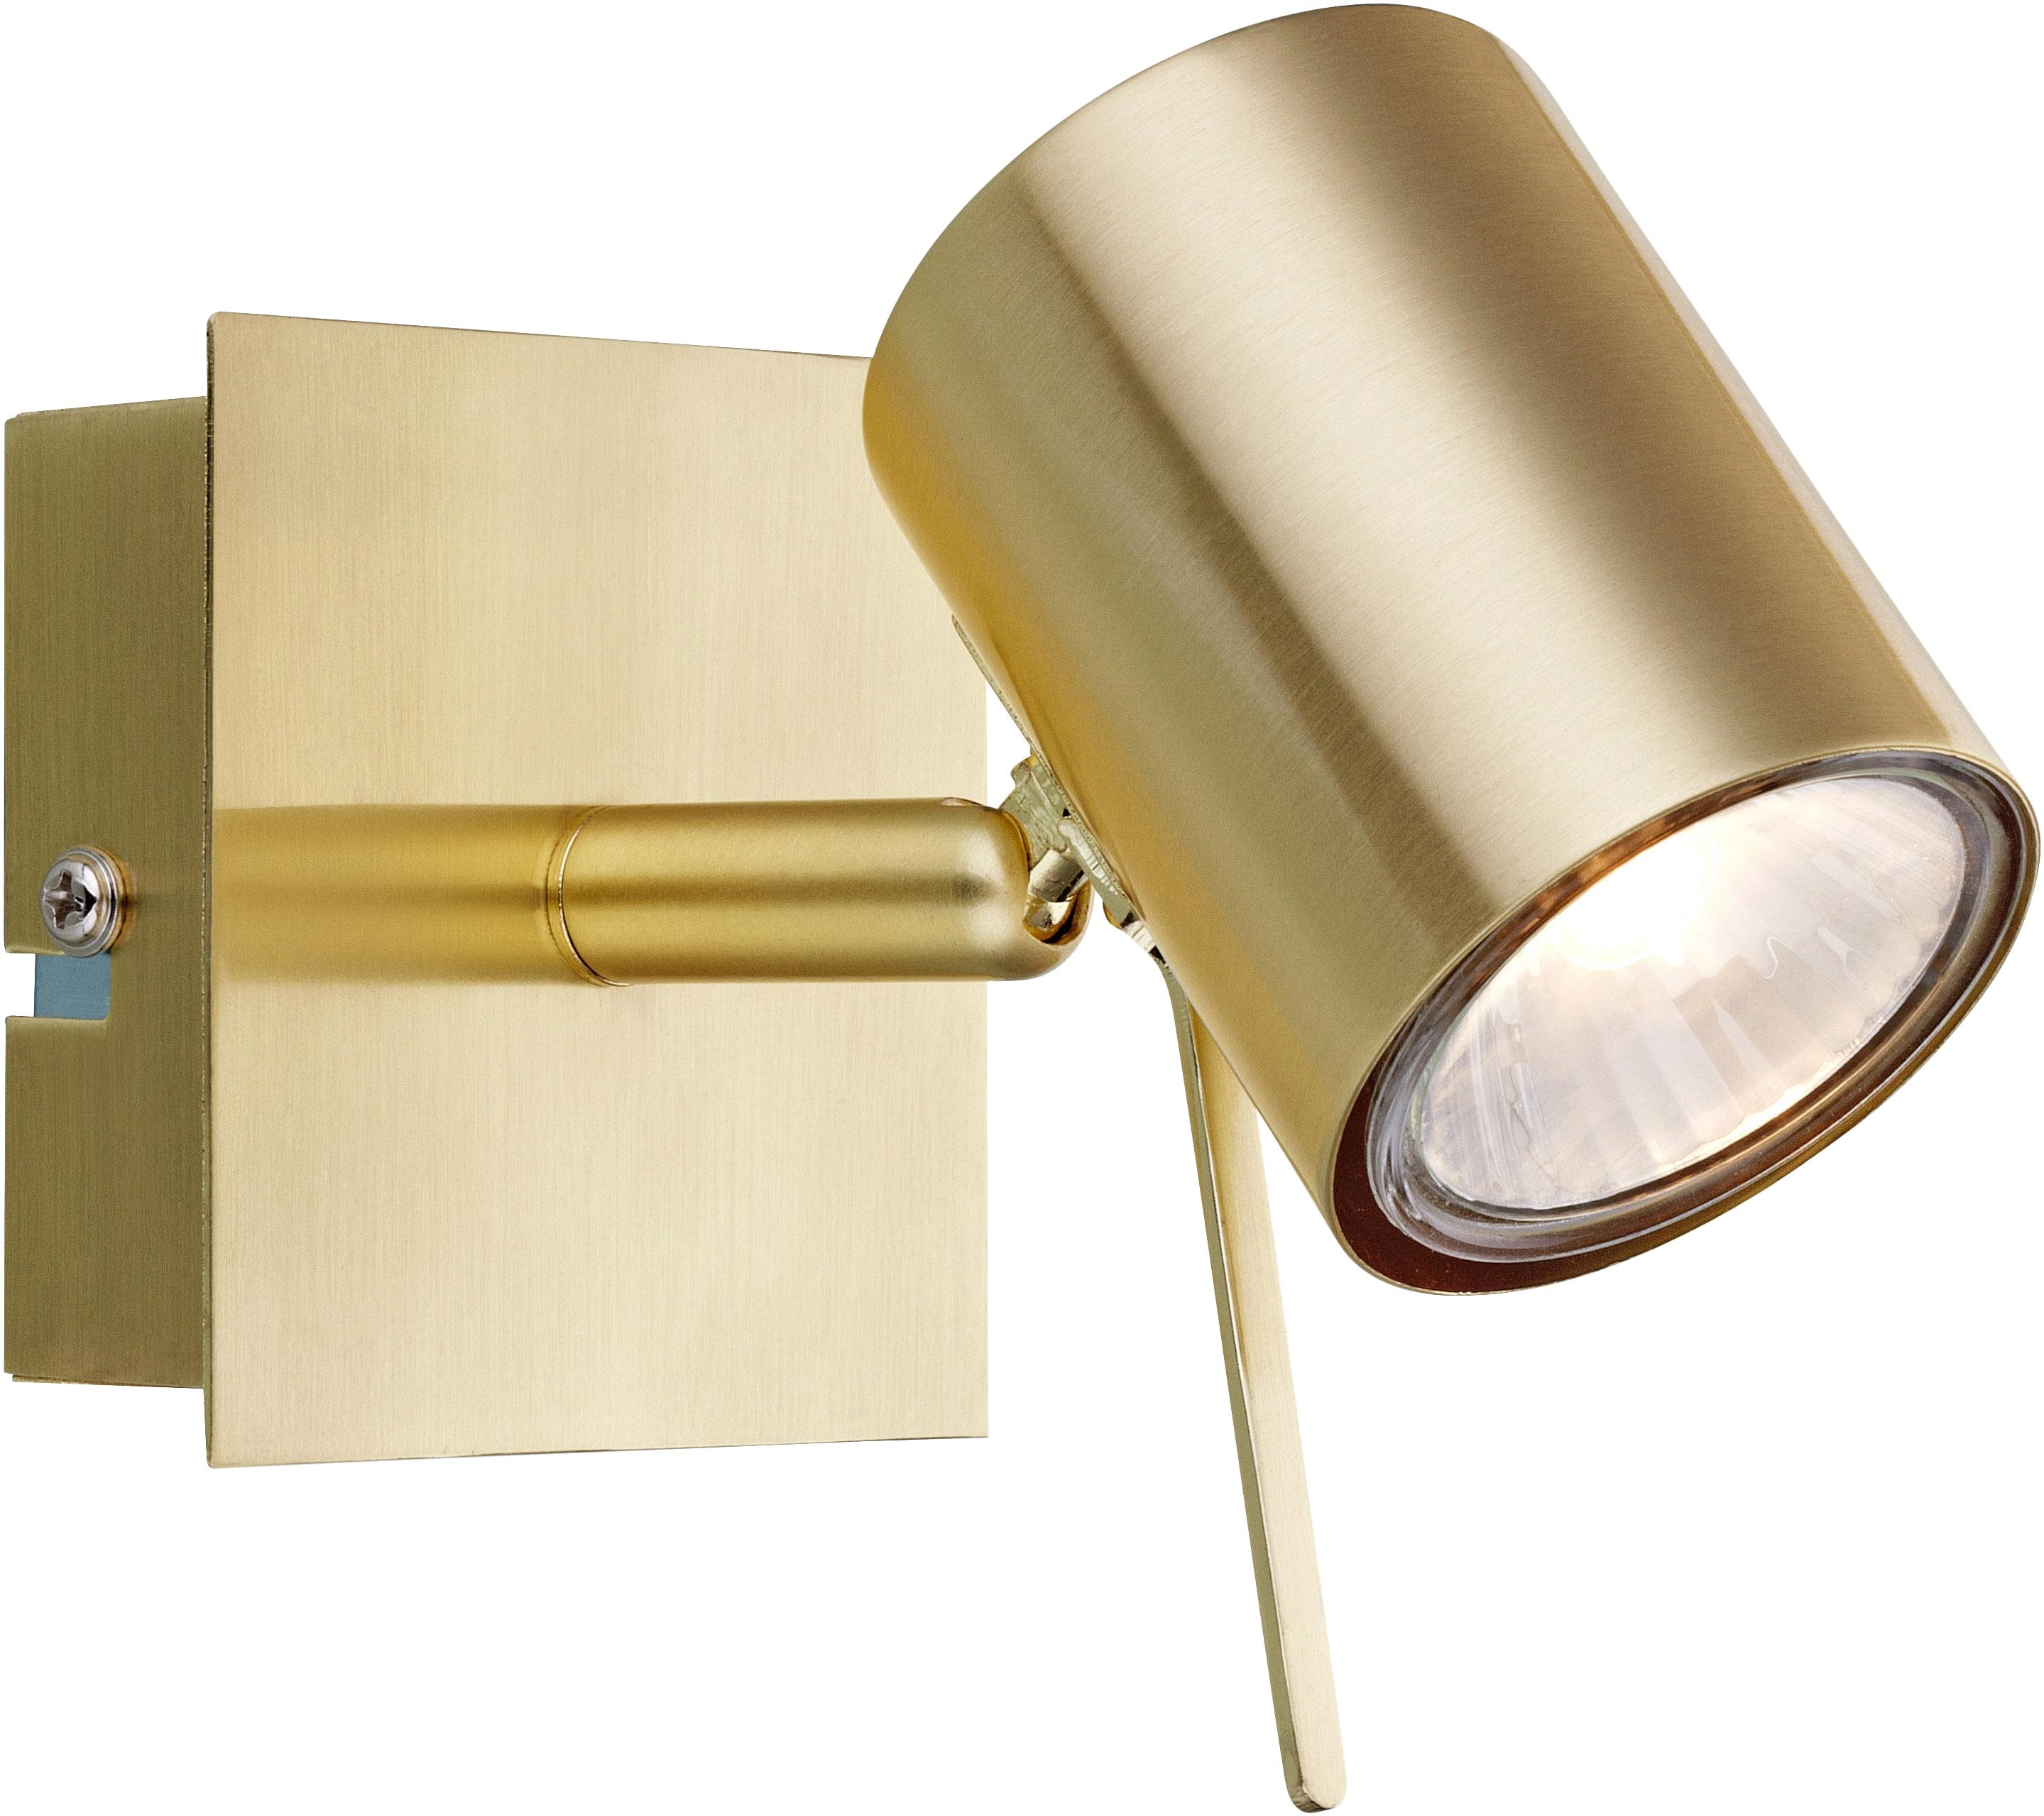 Kinkiet LED z wtyczką Hyssna, Metal mosiądzowany, szczotkowany, Mosiądz, S 8 x W 9 cm